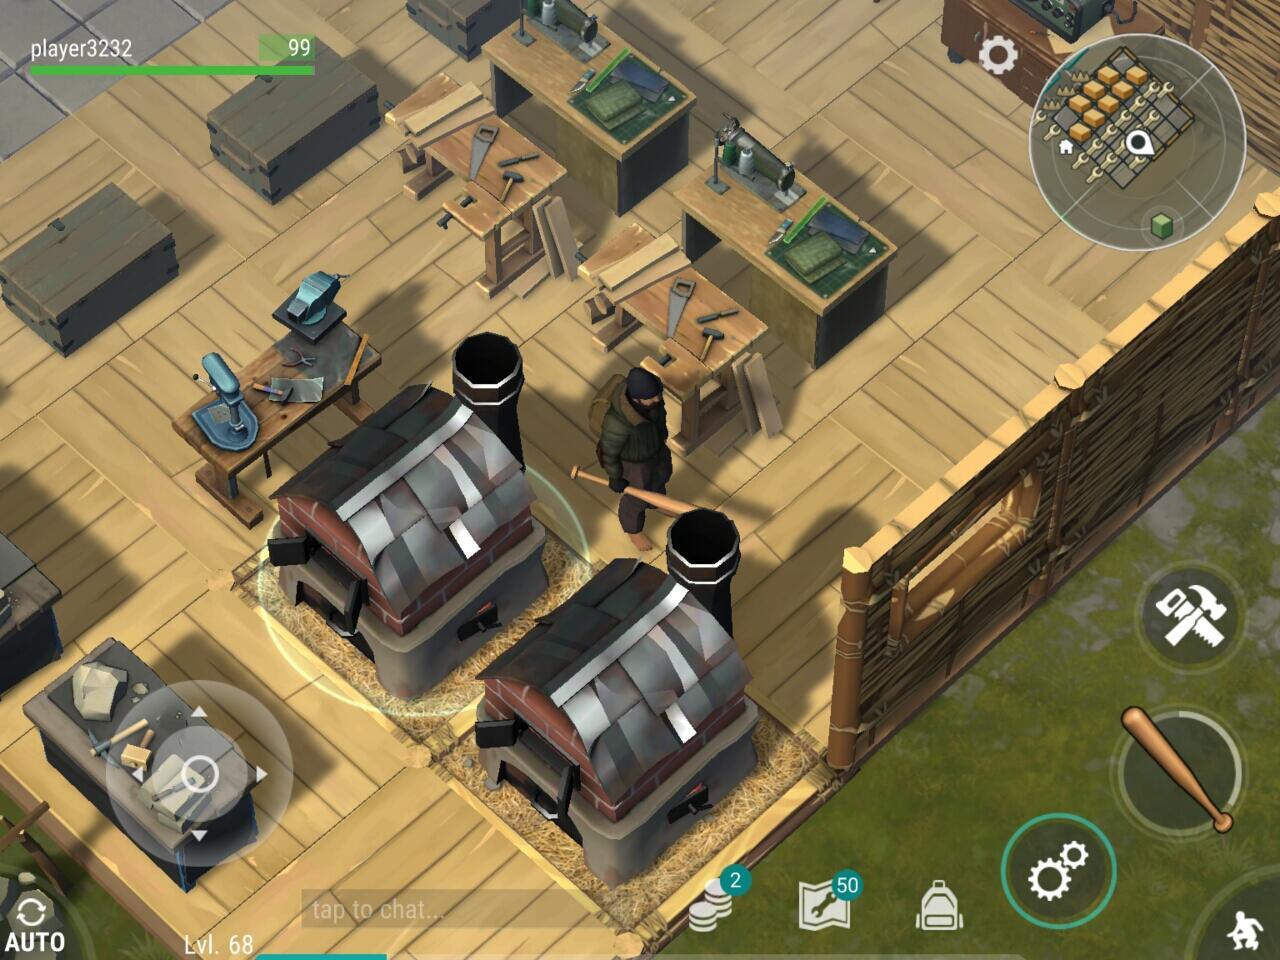 970 Desain Rumah Last Day On Earth HD Terbaru - pinstok.com